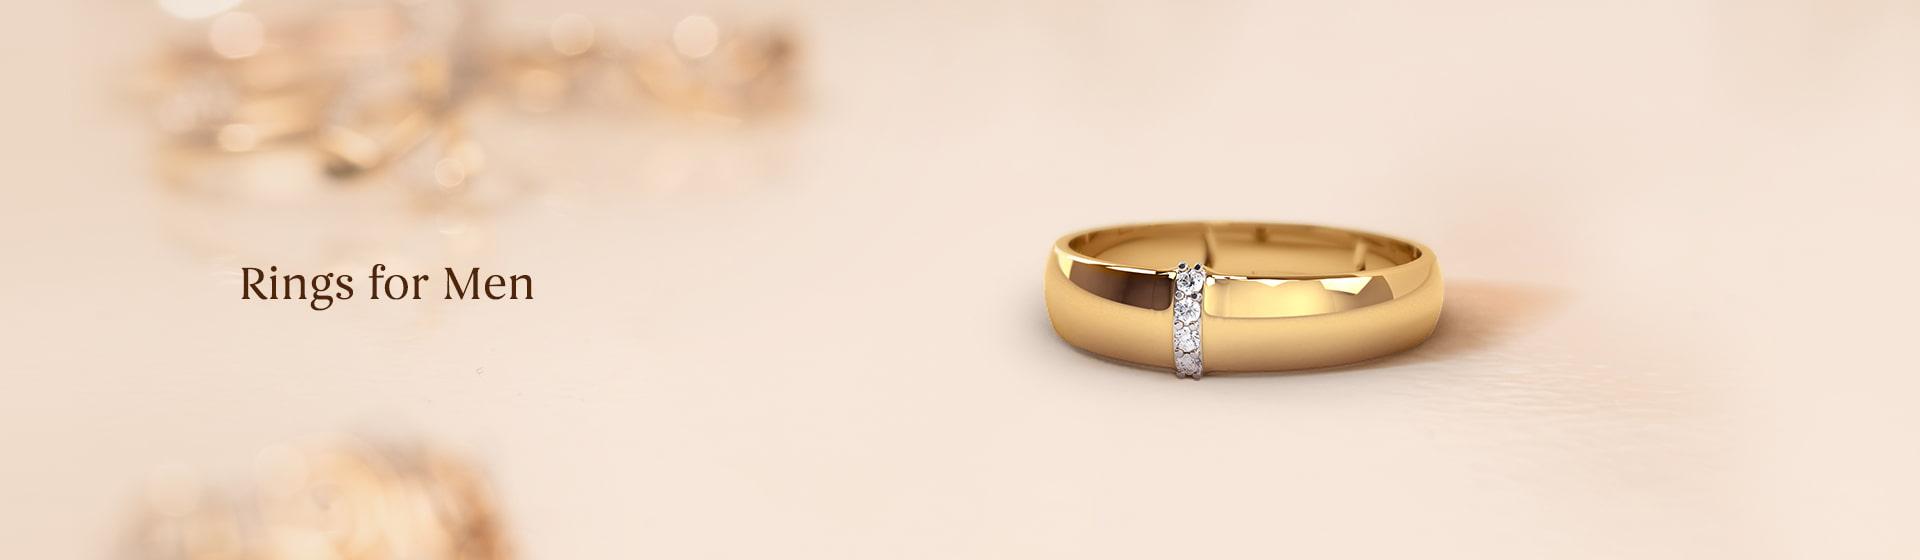 Latest engagement Rings for men in gold & diamond